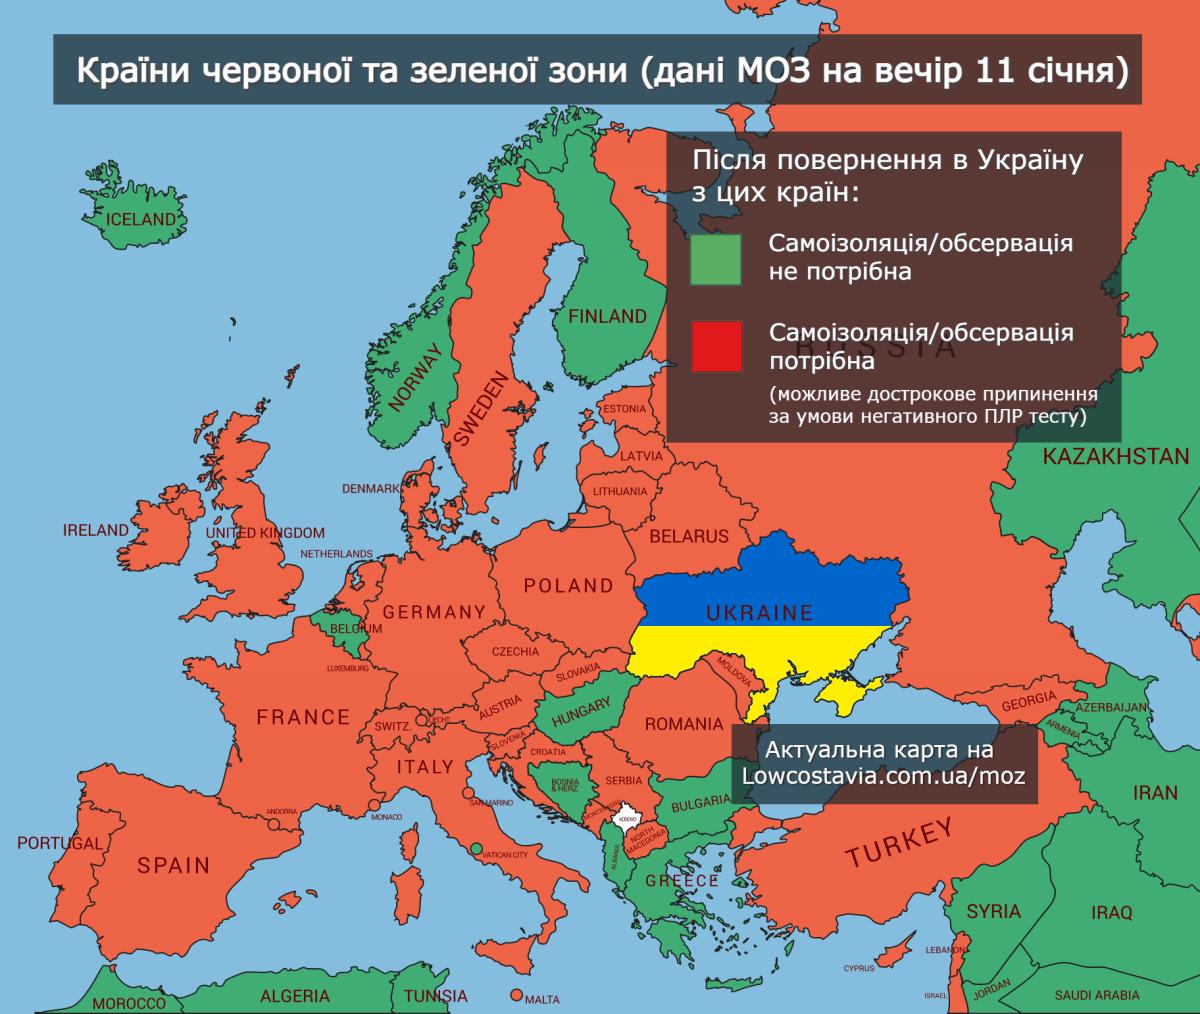 МОЗ Украины дважды за день обновил данные стран красной зоны. -